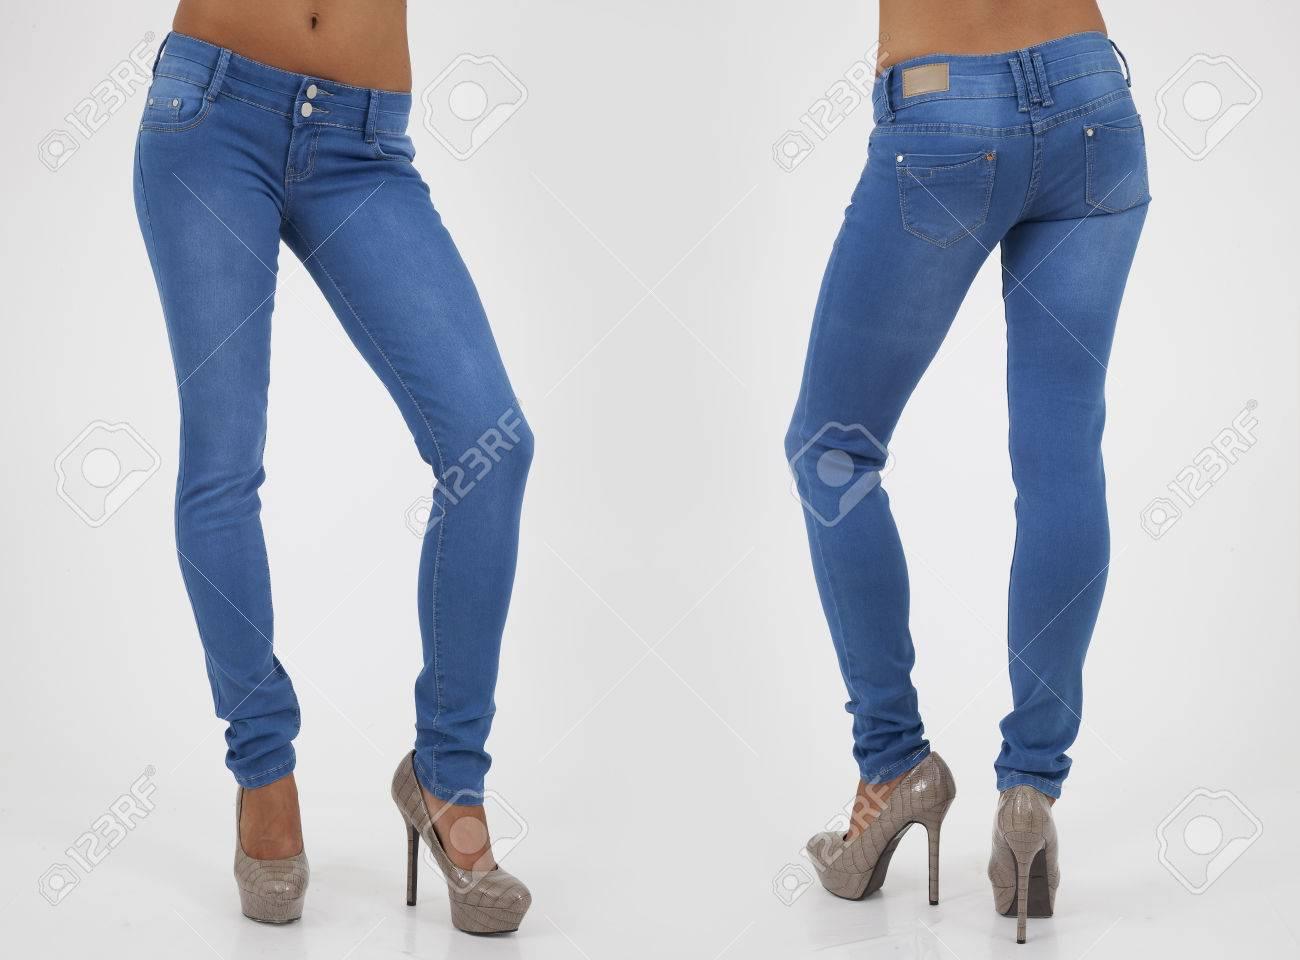 Hübsche Frauen In Engen Jeans Auf Weißem Rücken Und Vorderansichten